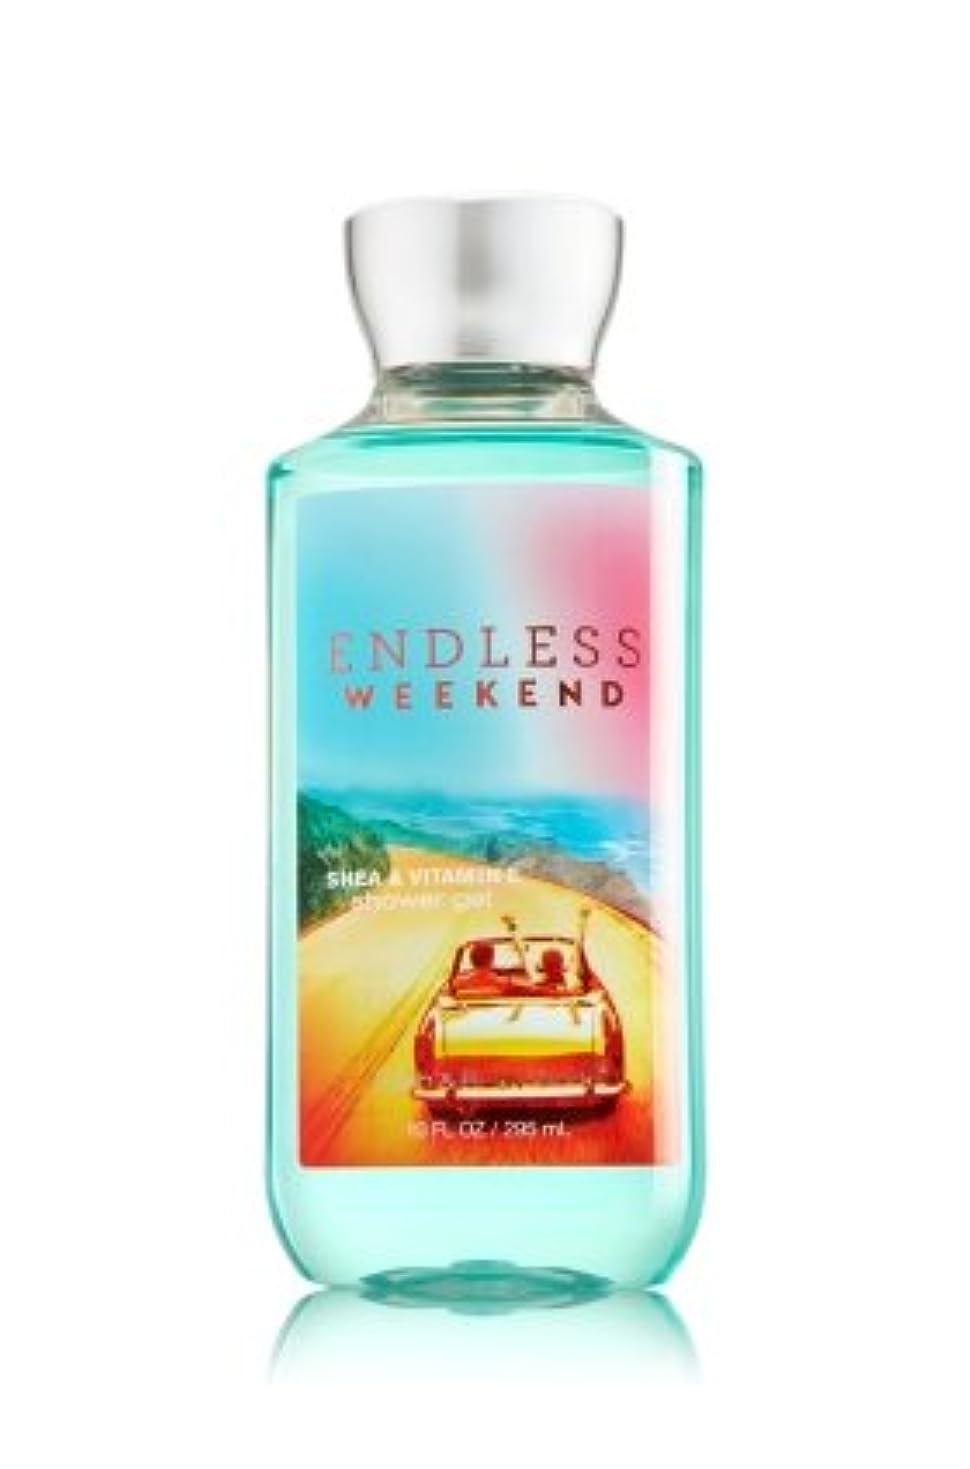 判定あえぎ抑圧する【Bath&Body Works/バス&ボディワークス】 シャワージェル エンドレスウィークエンド Shower Gel Endless Weekend 10 fl oz / 295 mL [並行輸入品]